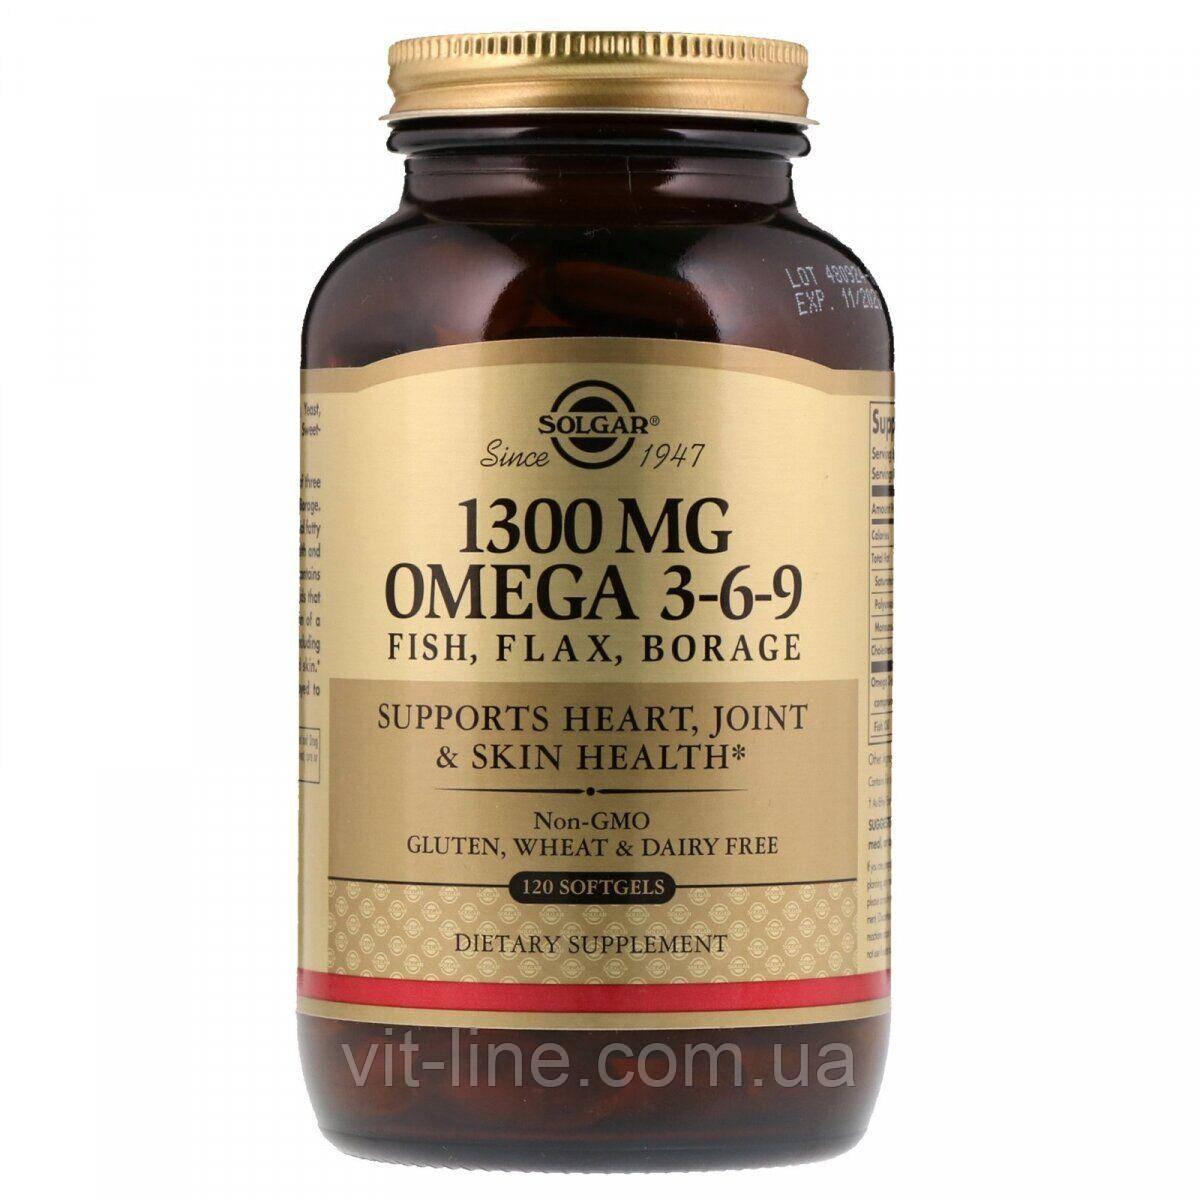 Solgar, Незаменимая жирная кислота, Омега 3-6-9, 1300 мг, 120 капсул